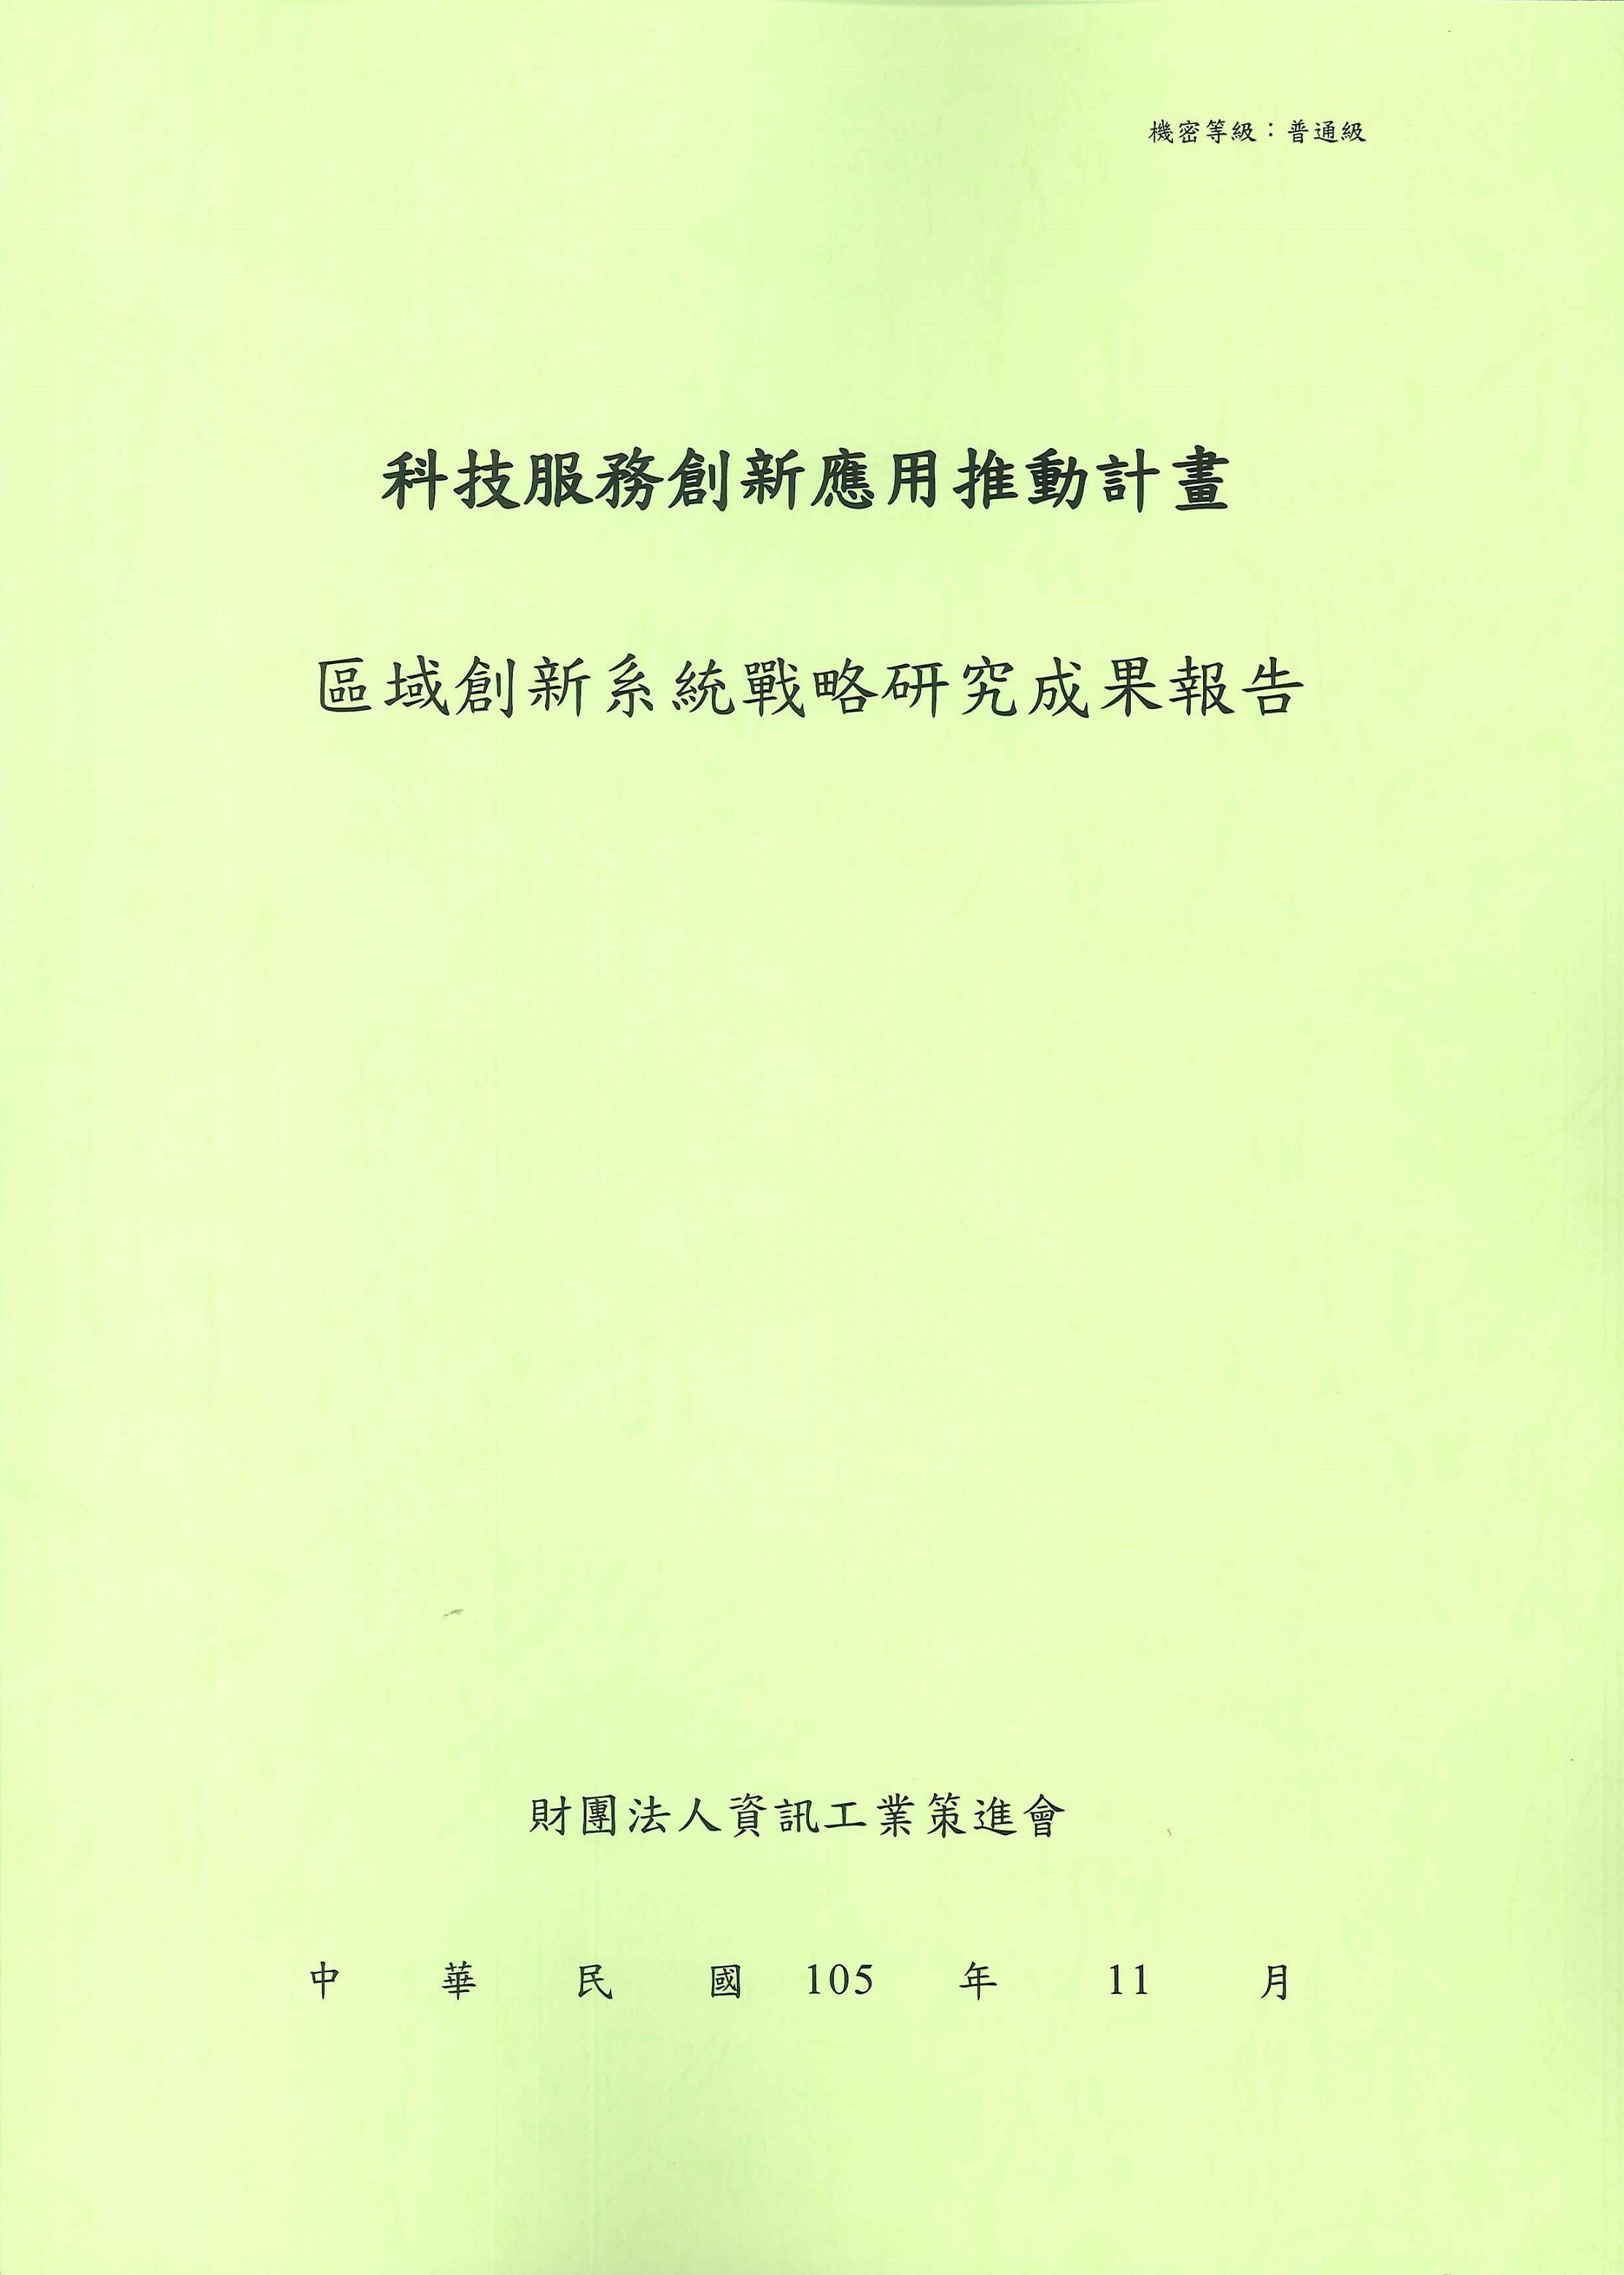 區域創新系統戰略研究成果報告